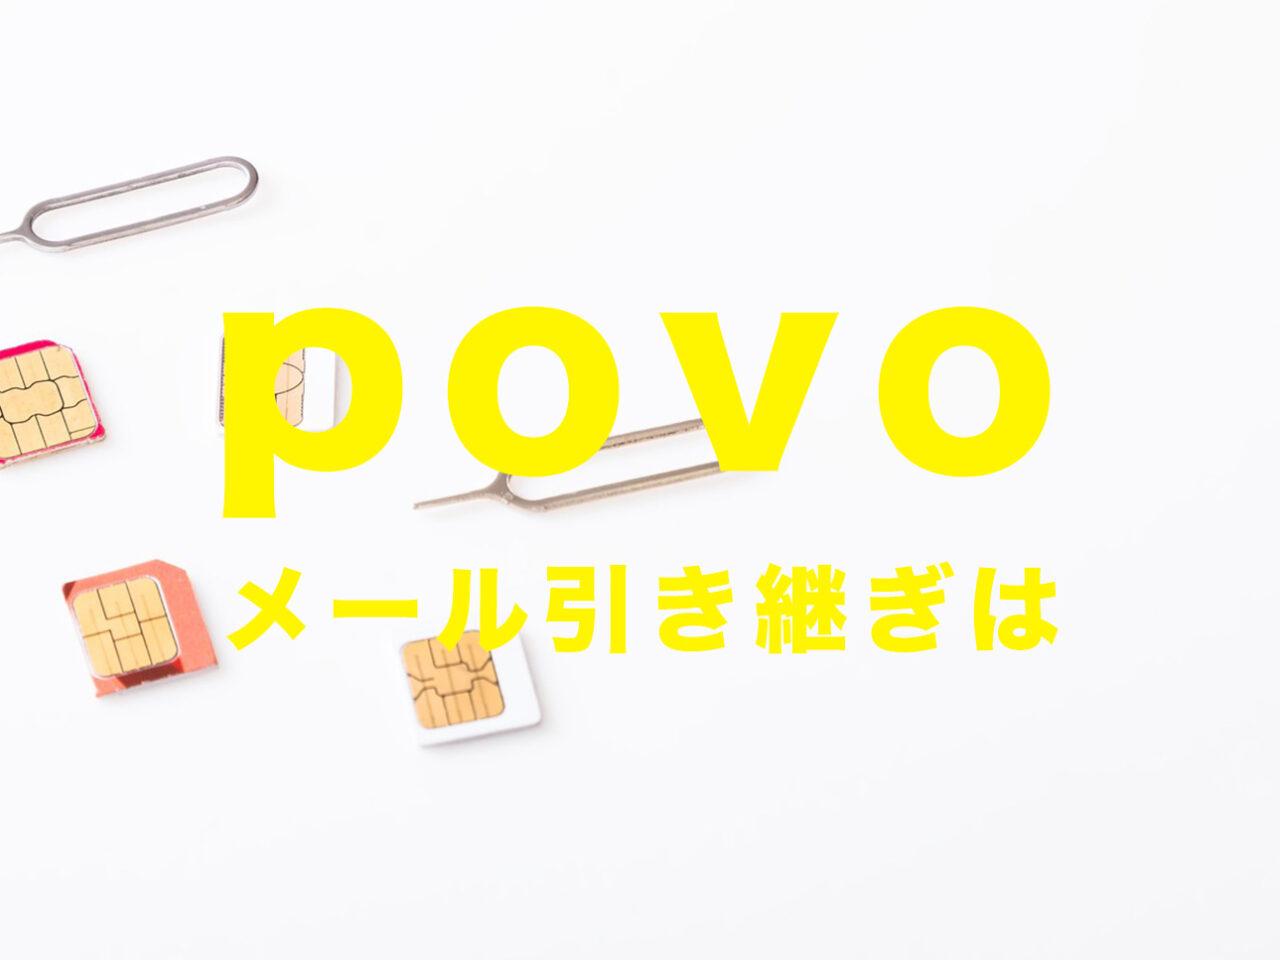 povo(ポヴォ)へメールアドレスの引き継ぎ&移行はできる?のサムネイル画像